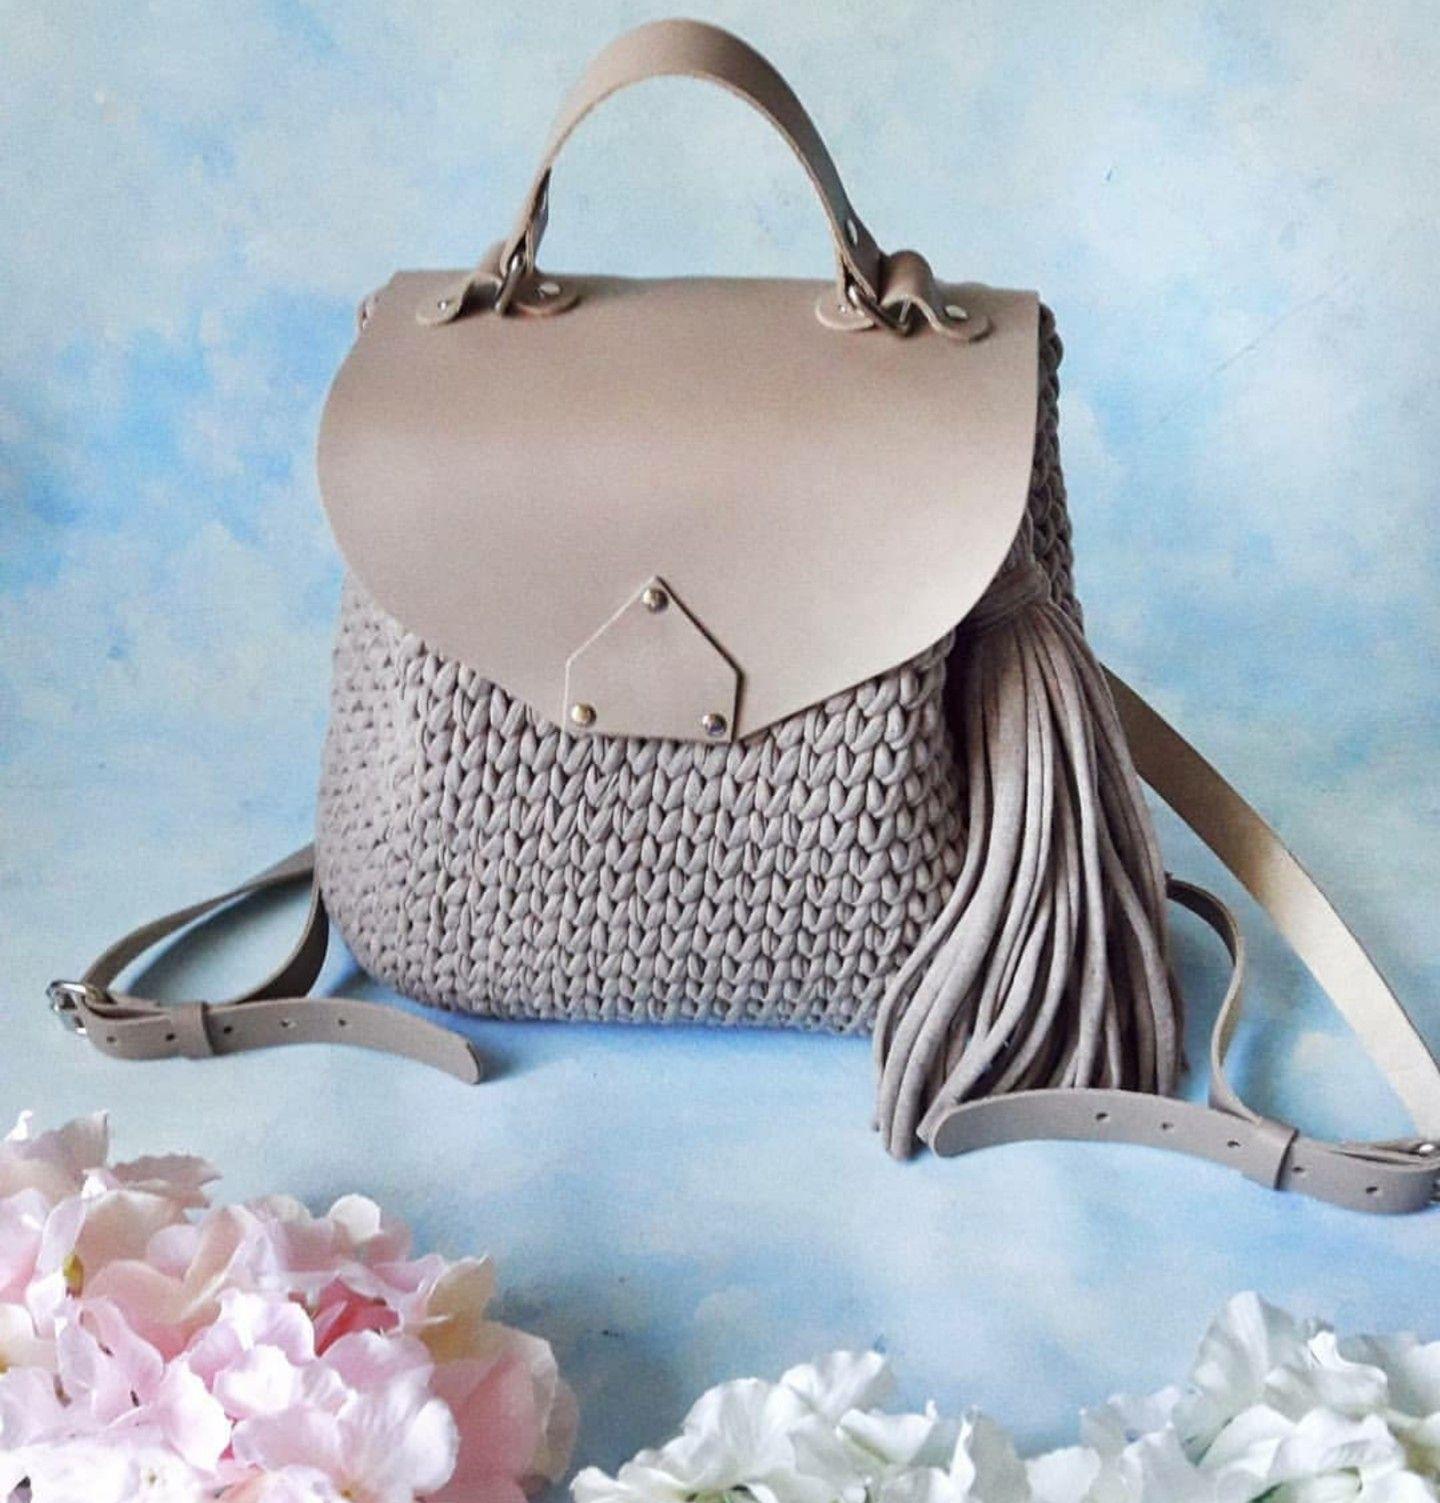 Woman Bags Handbags Casual Fashion Handbags Style For Women Crochet Bag Pattern Free Handbags Handmade Bags Bags Handbags